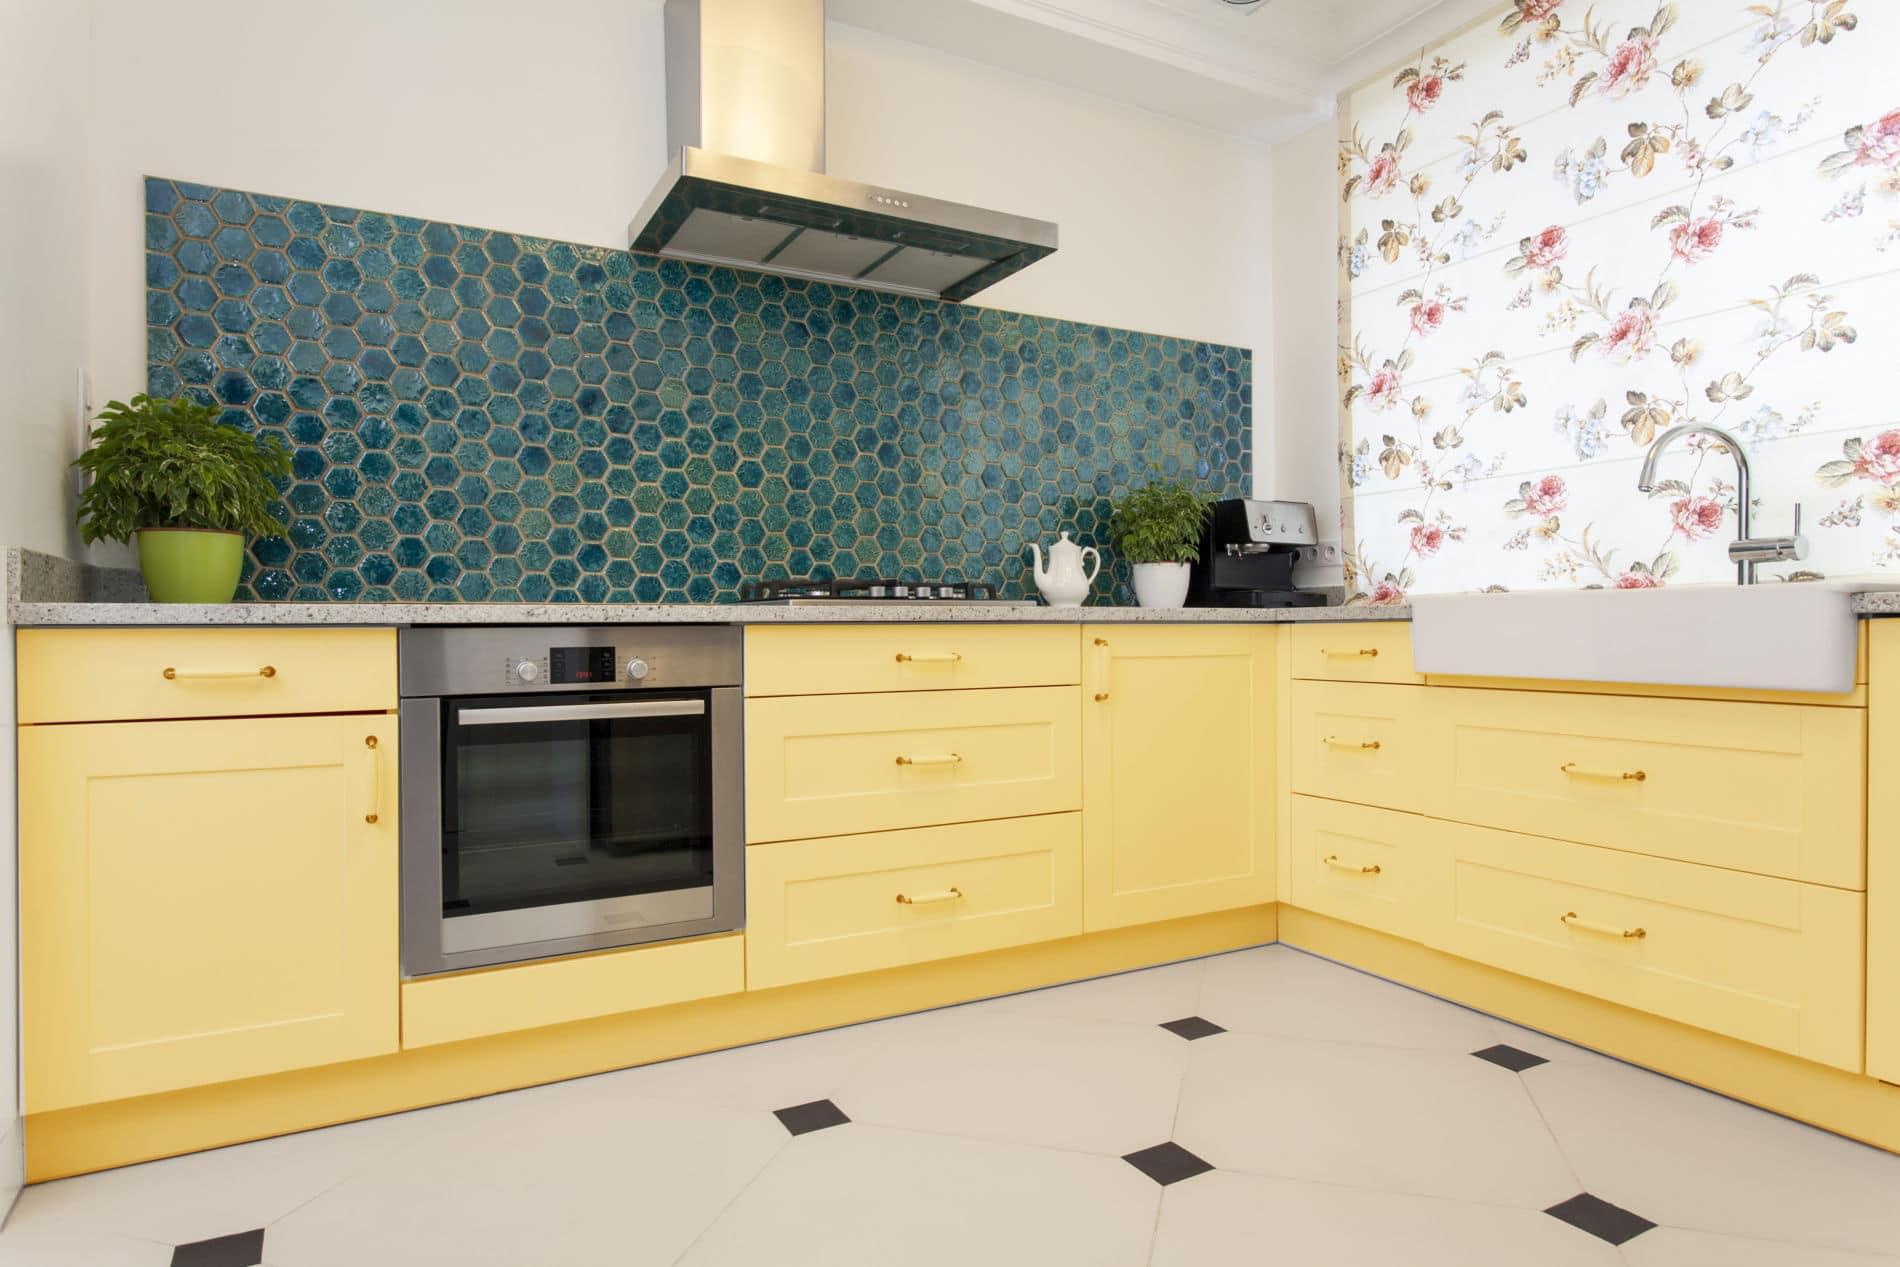 מטבחים מודרניים מעוצבים בהתאמה אישית ובצבעים צהוב ועוד